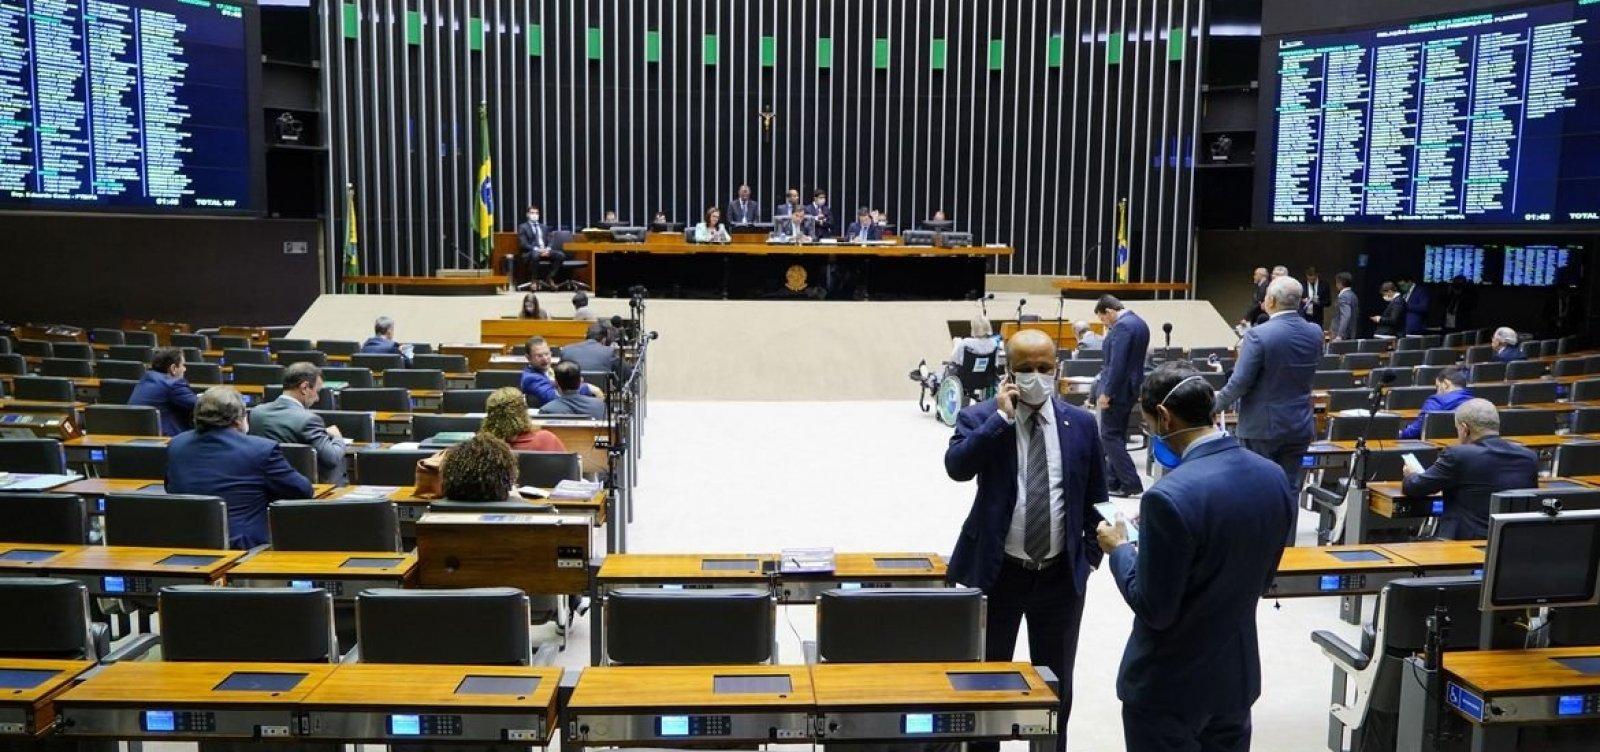 [Datafolha: reprovação ao Congresso aumenta em meio a reaproximação com Bolsonaro]